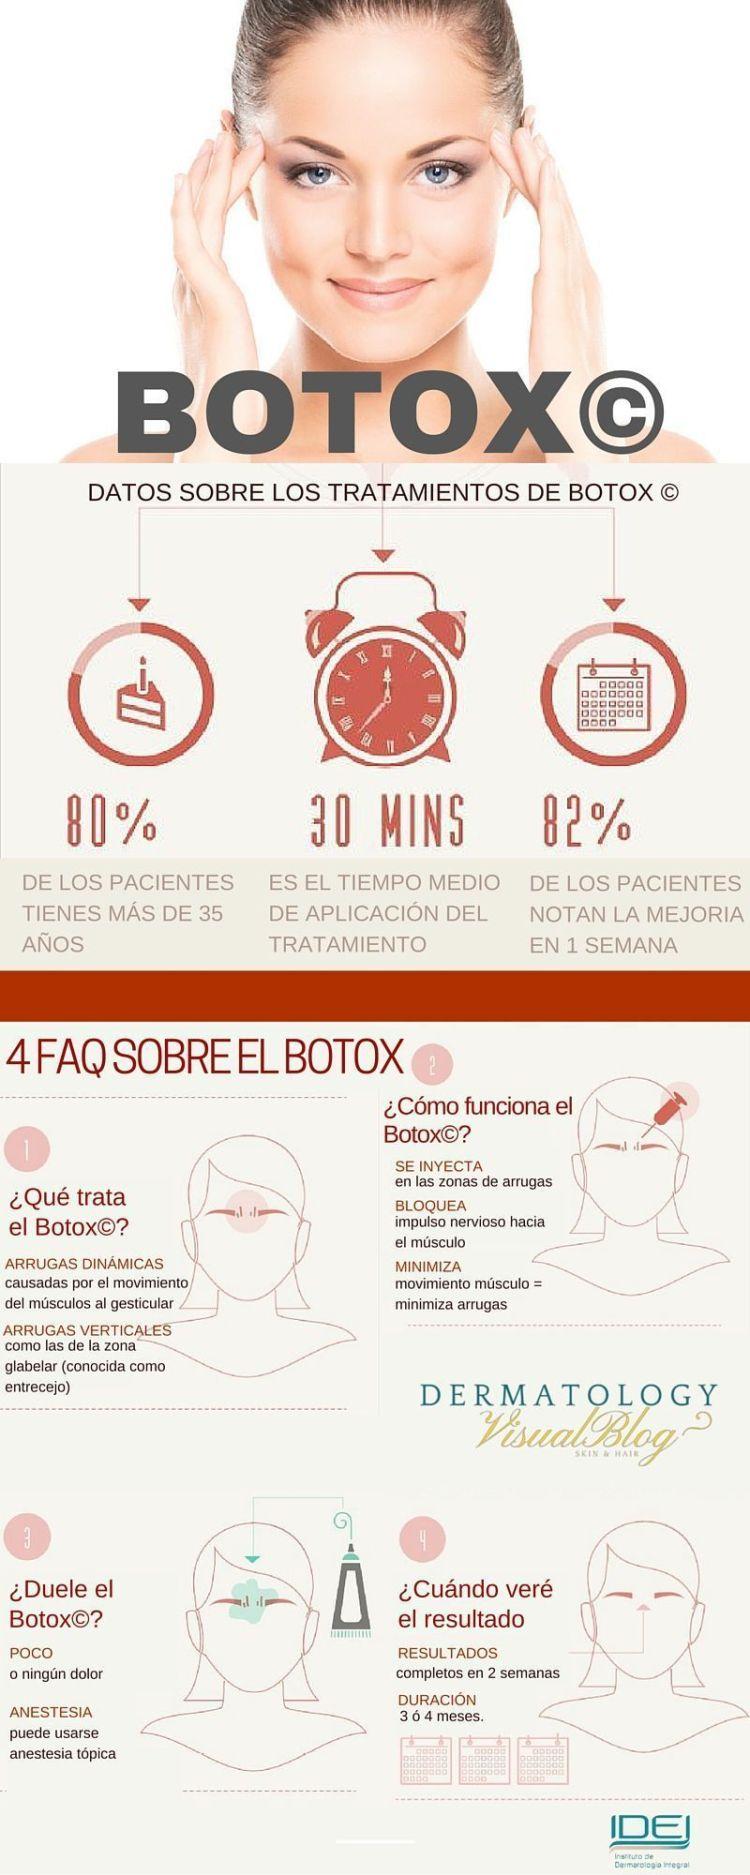 Qué es el Botox estético y para que sirve